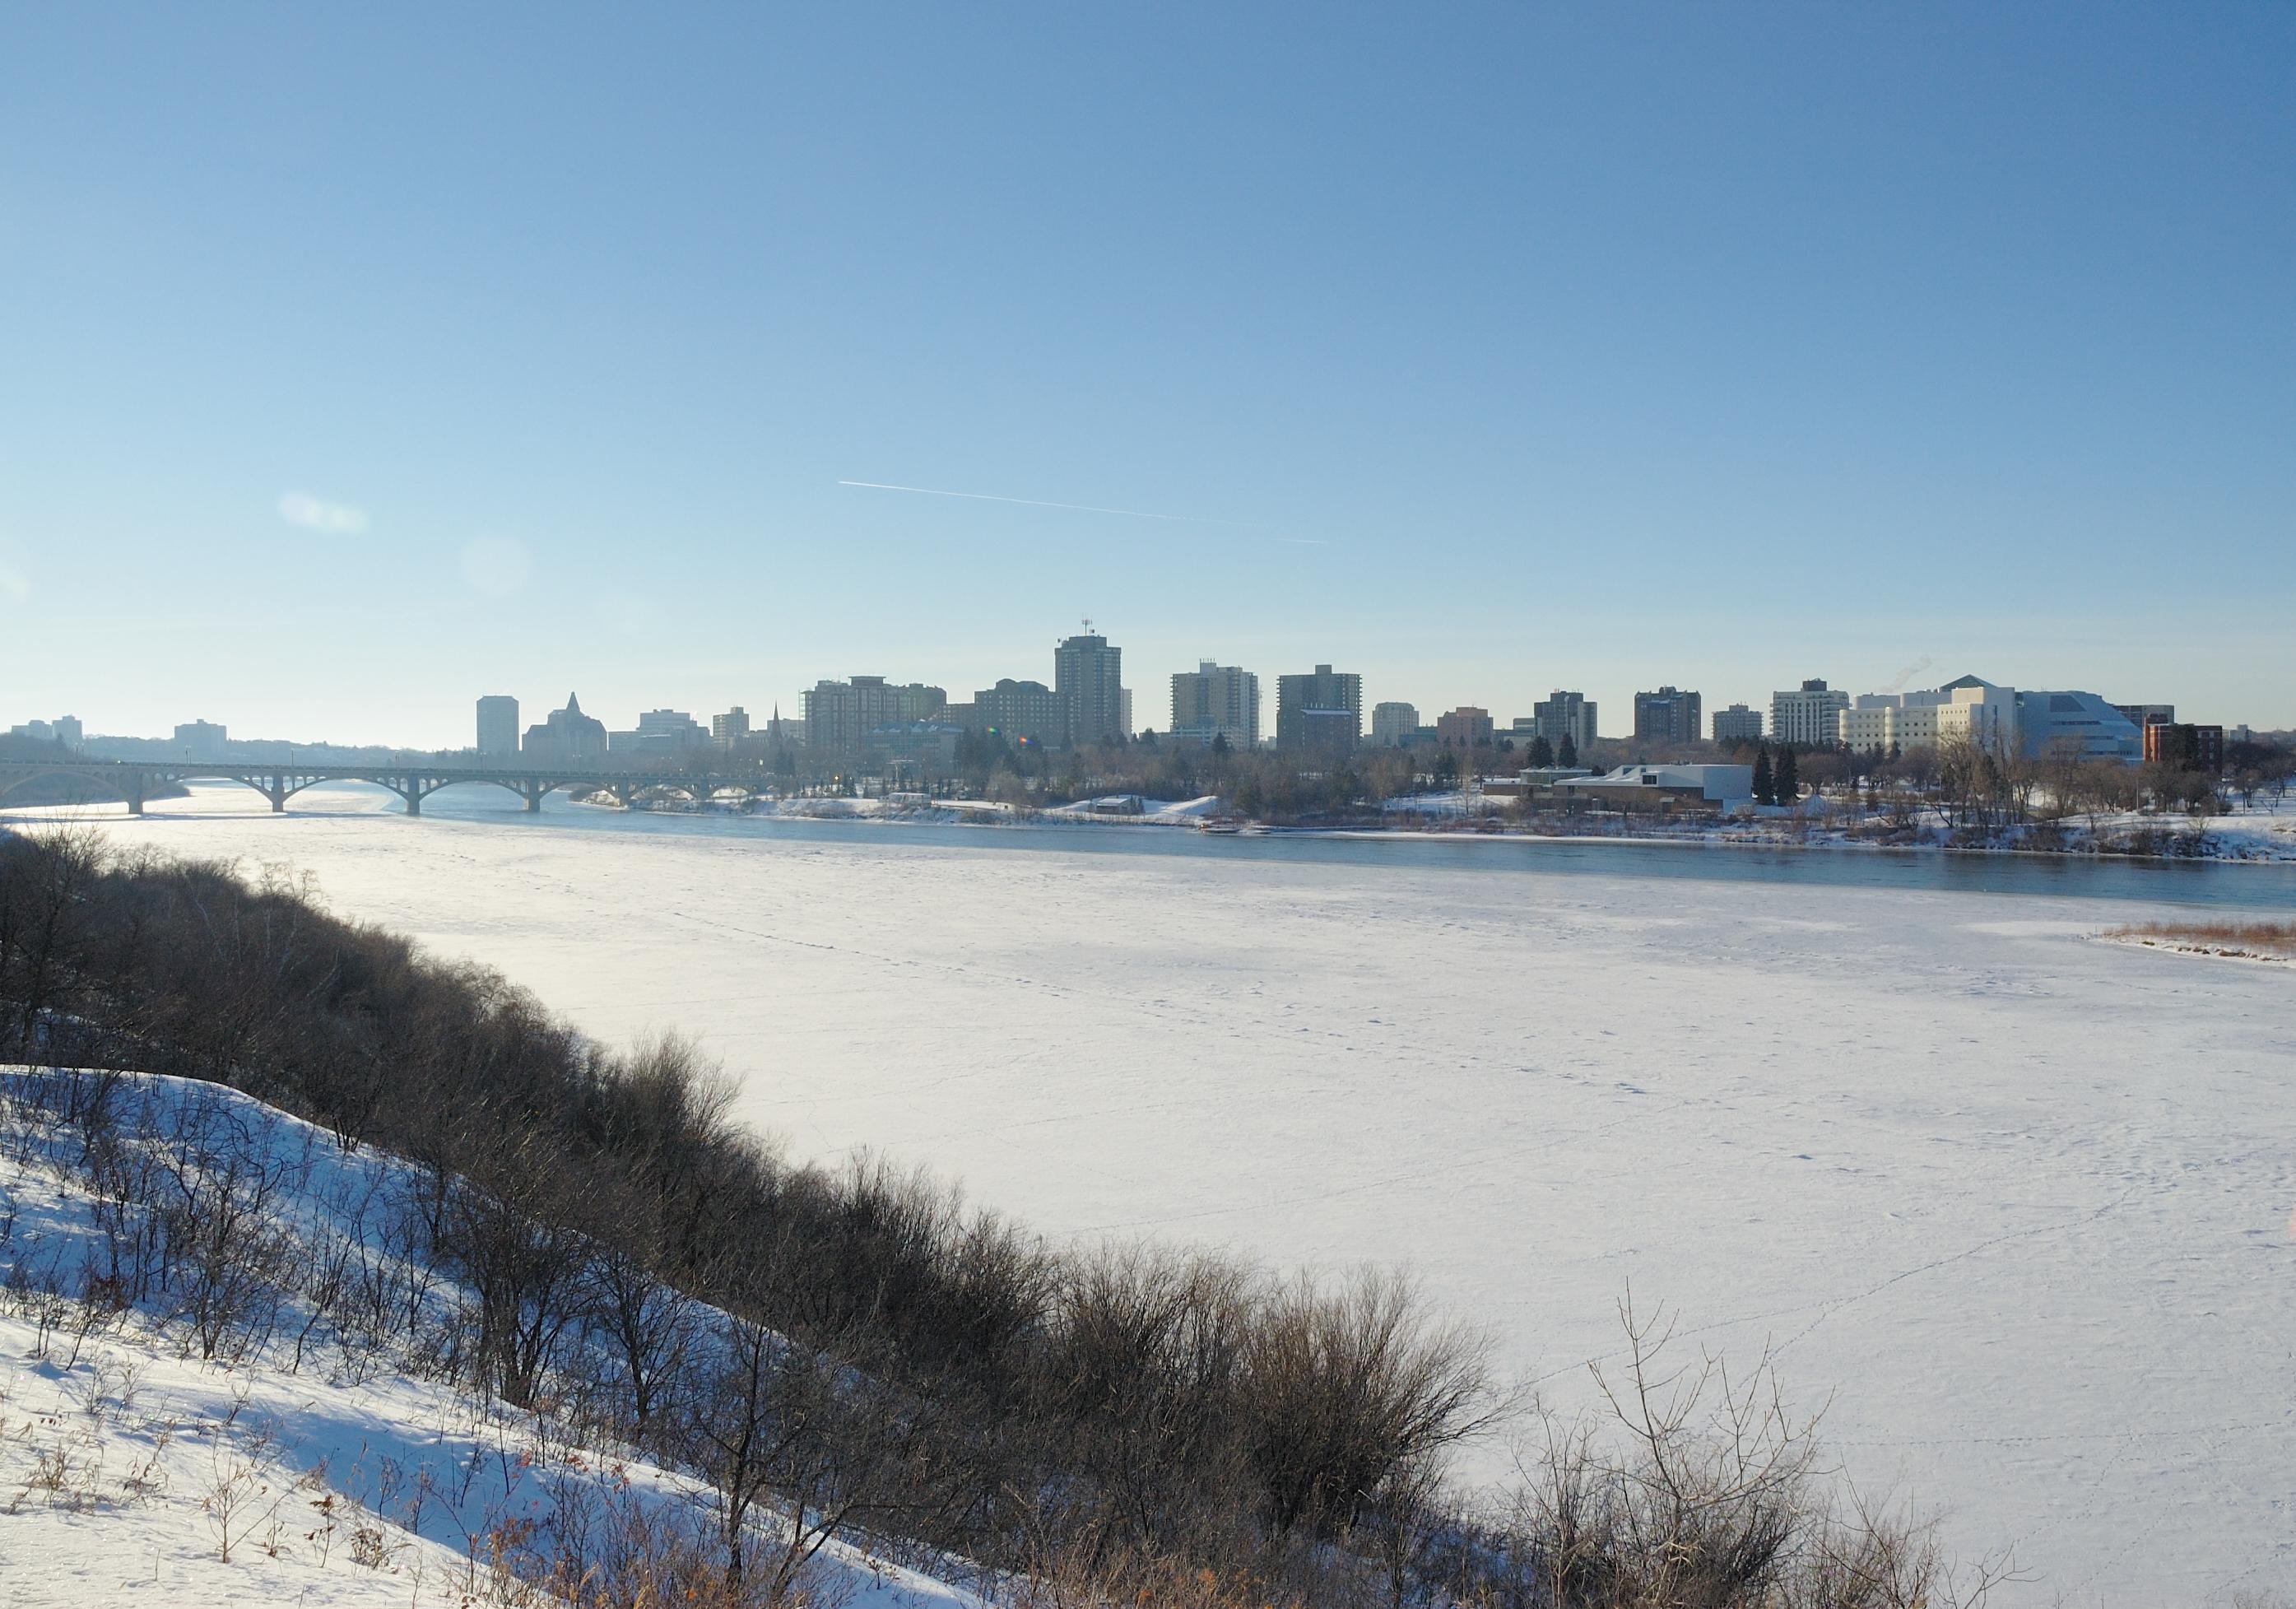 Saskatoon sous la neige (remarquez la rivière gelée)